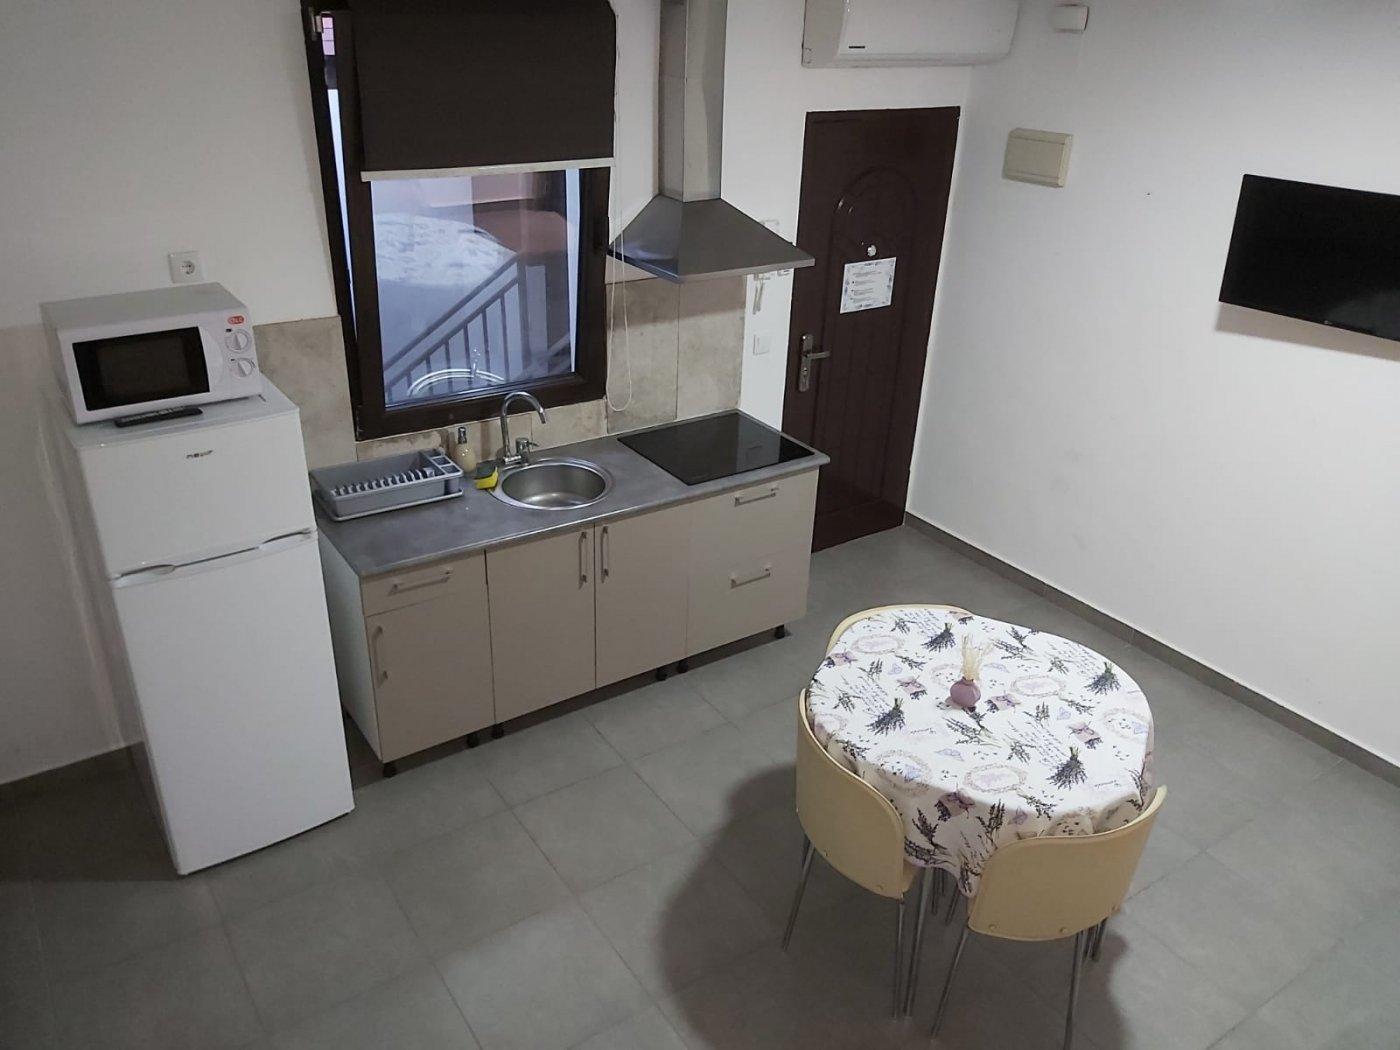 Dúplex · Alicante · Plaza De Toros - Mercado Central 500€ MES€